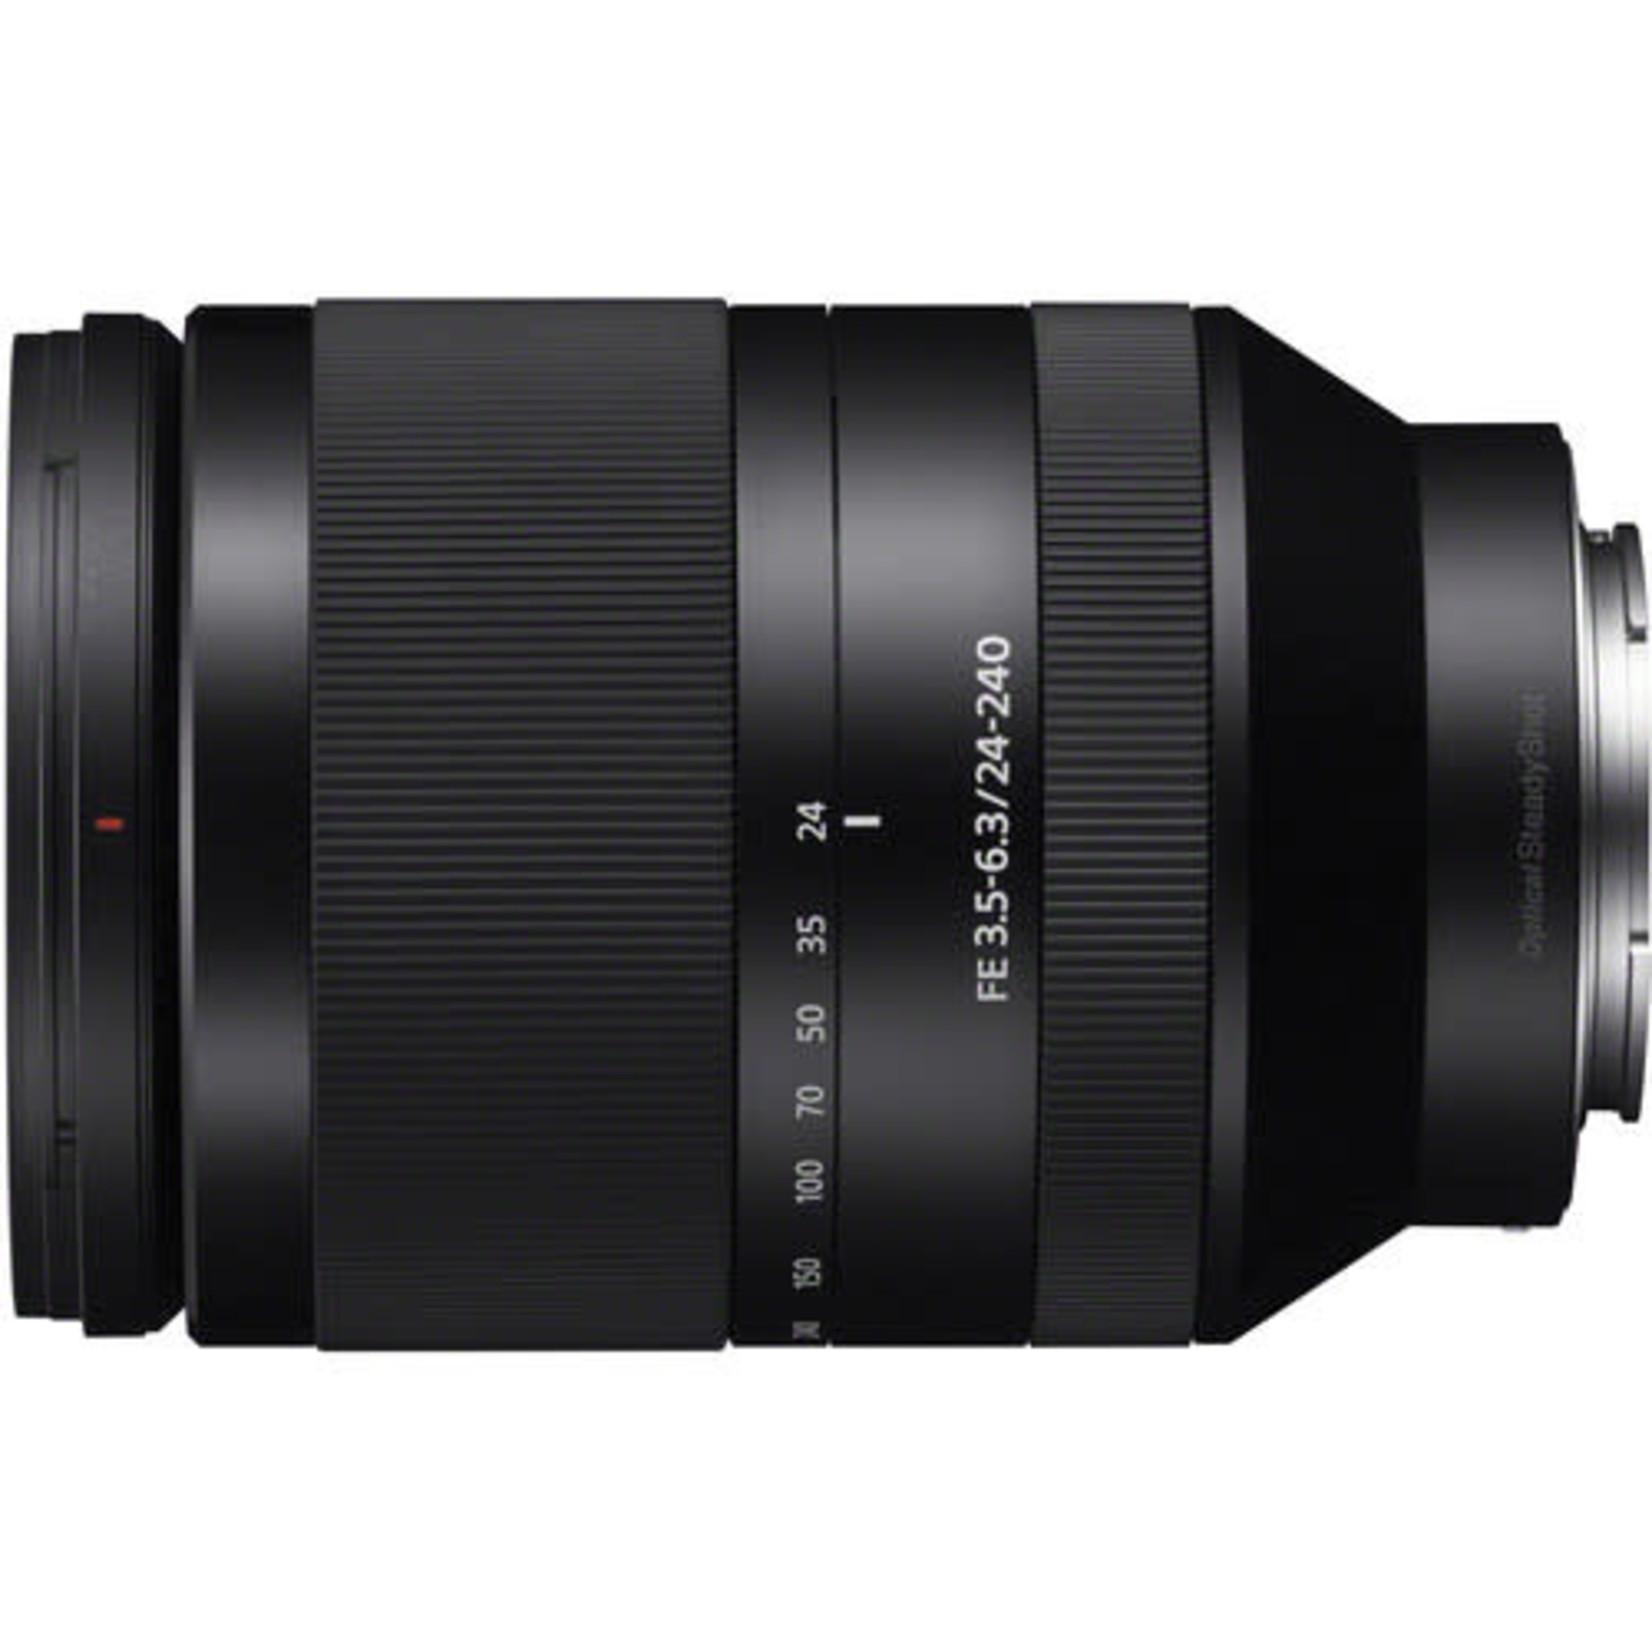 Sony Sony FE 24-240mm f/3.5-6.3 OSS Lens